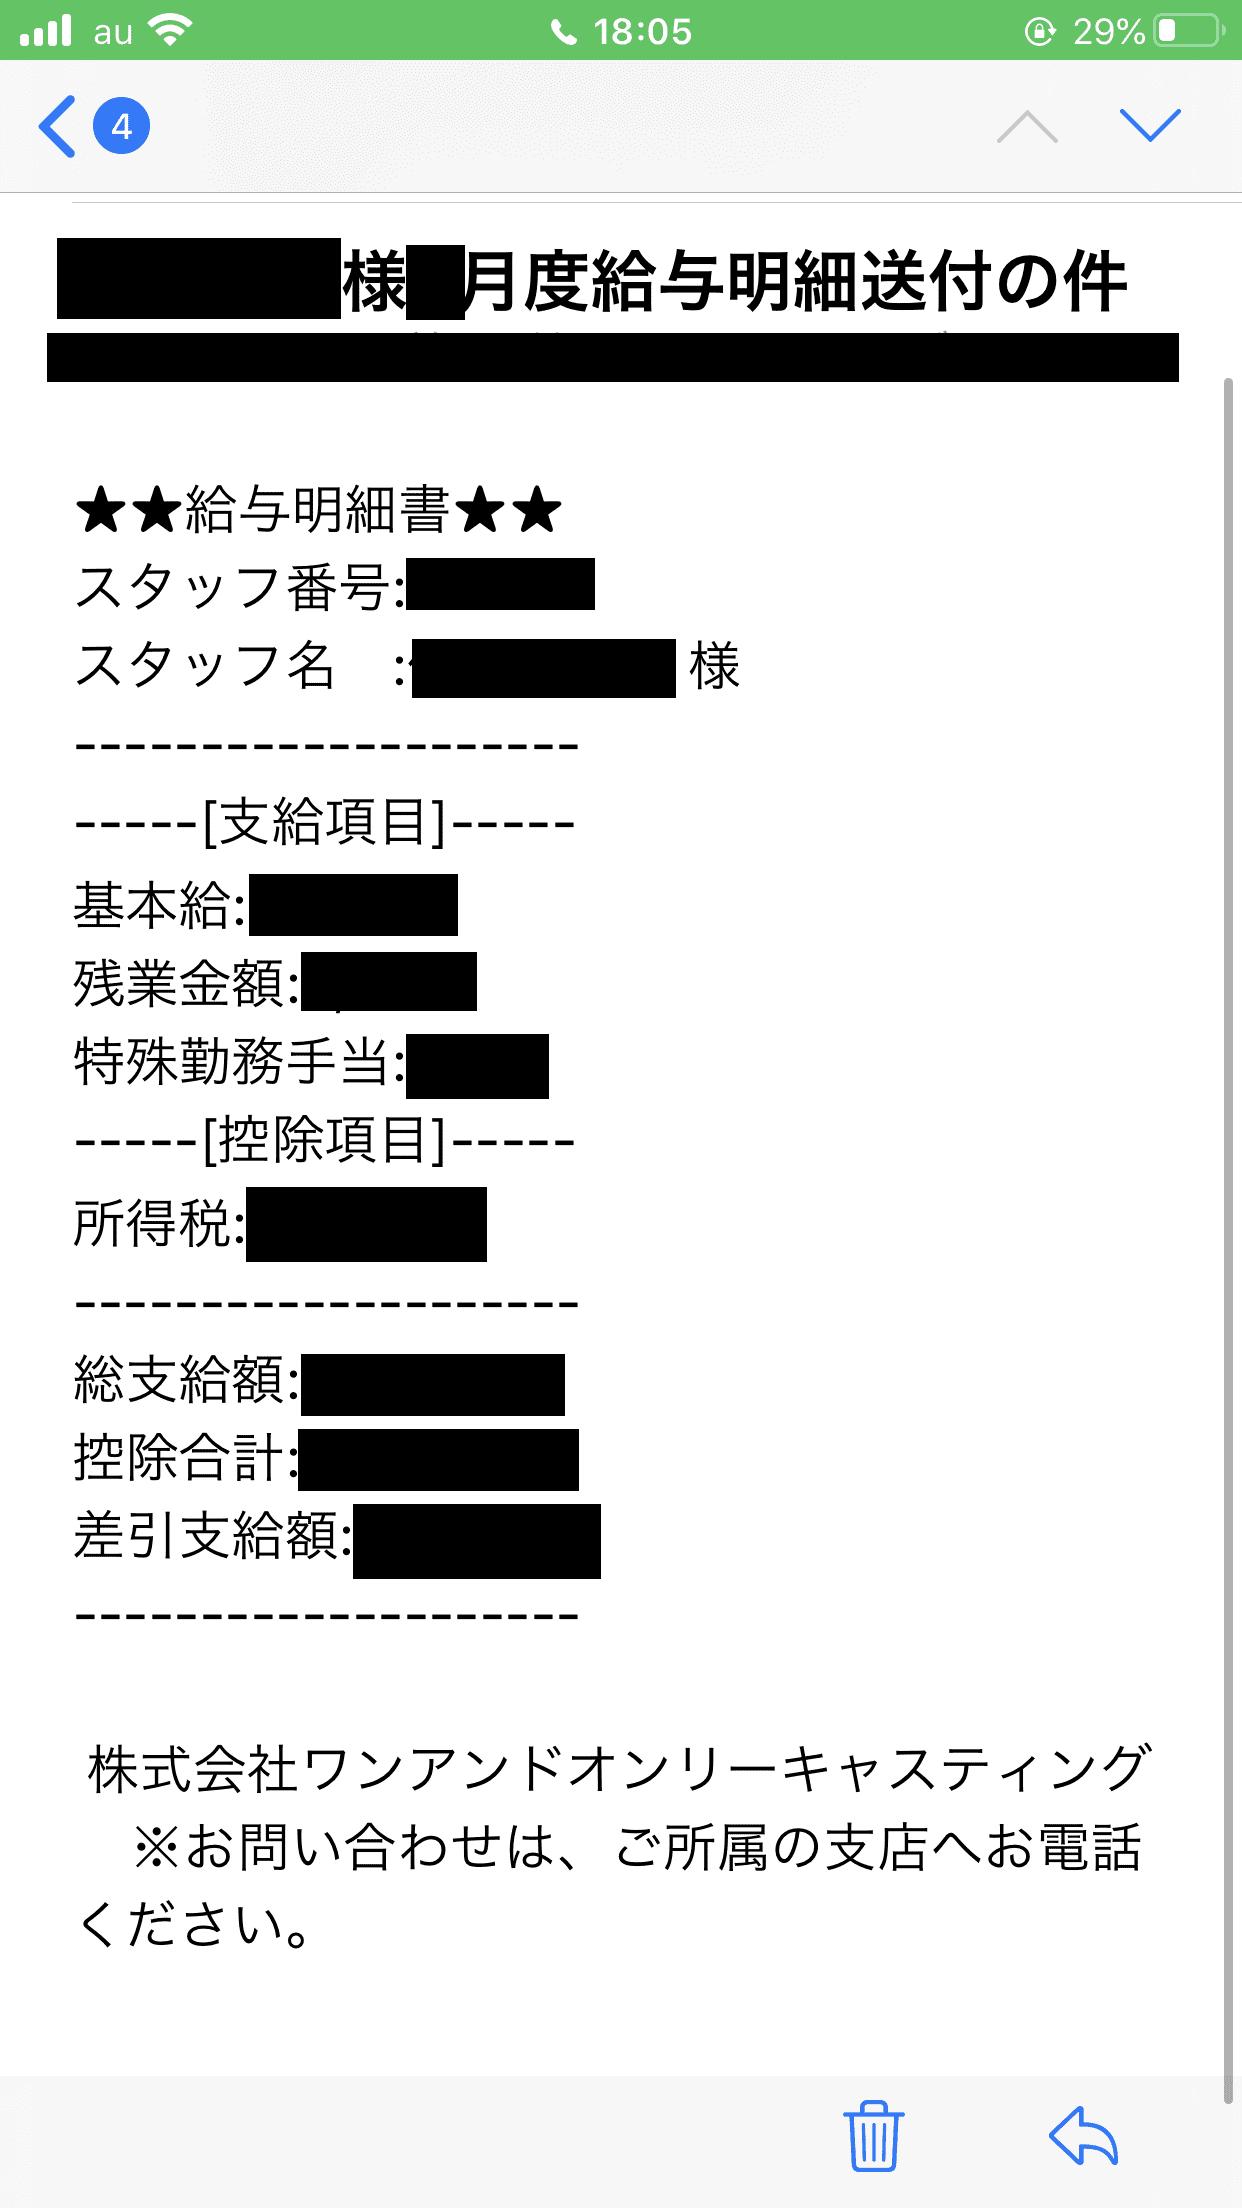 株式会社ワンアンドオンリーキャスティング さいたま支店